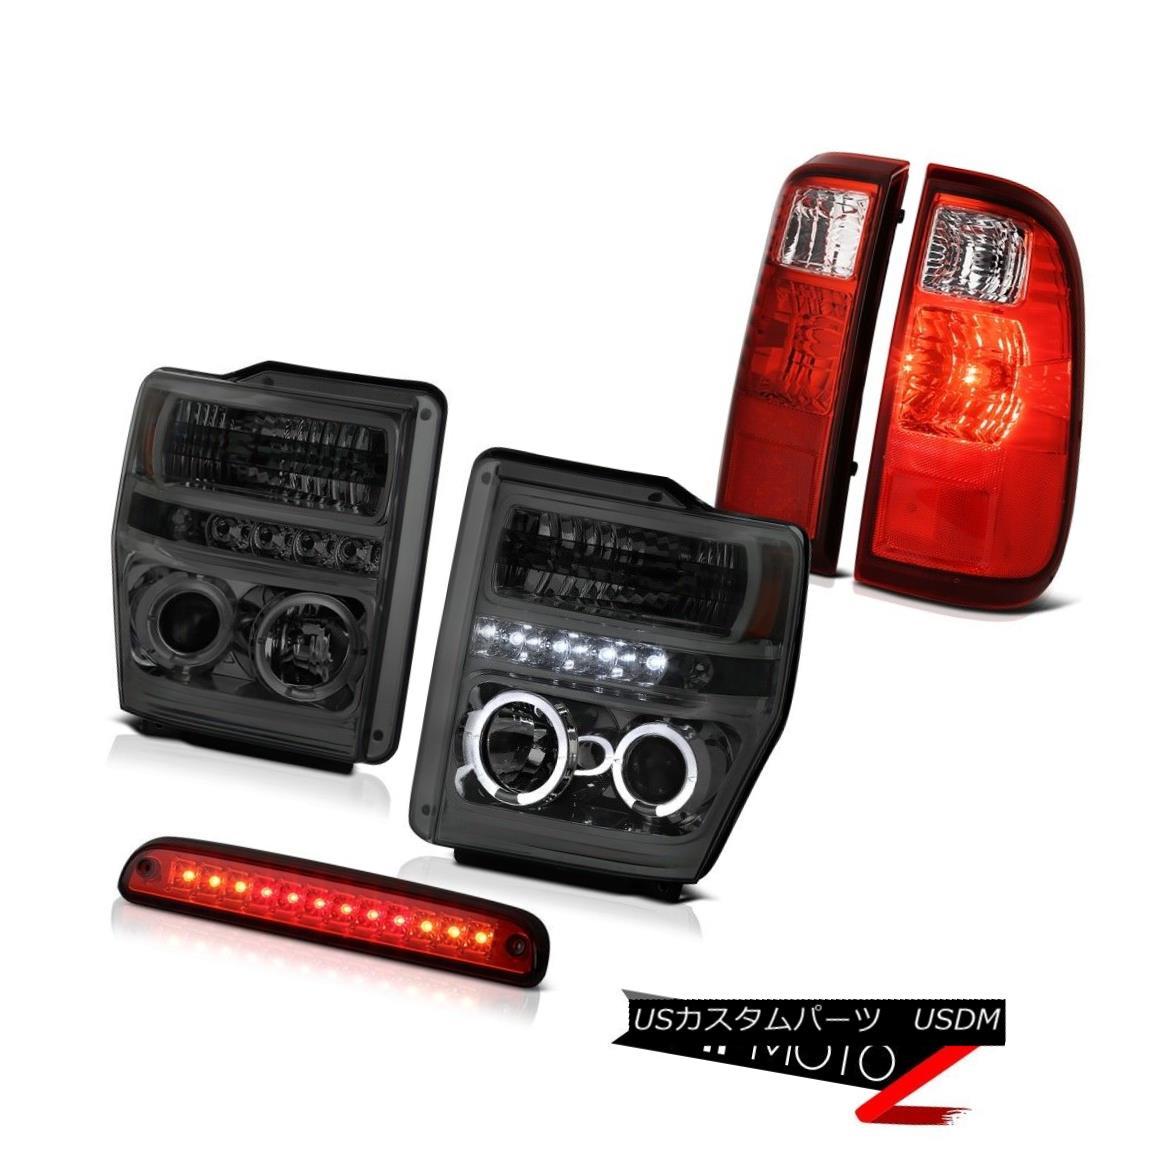 ヘッドライト Angel Eye DRL Headlights Roof Brake LED Red Tail Lights 2008-2010 Ford SuperDuty エンジェルアイDRLヘッドライトルーフブレーキLEDレッドテールライト2008-2010 Ford SuperDuty